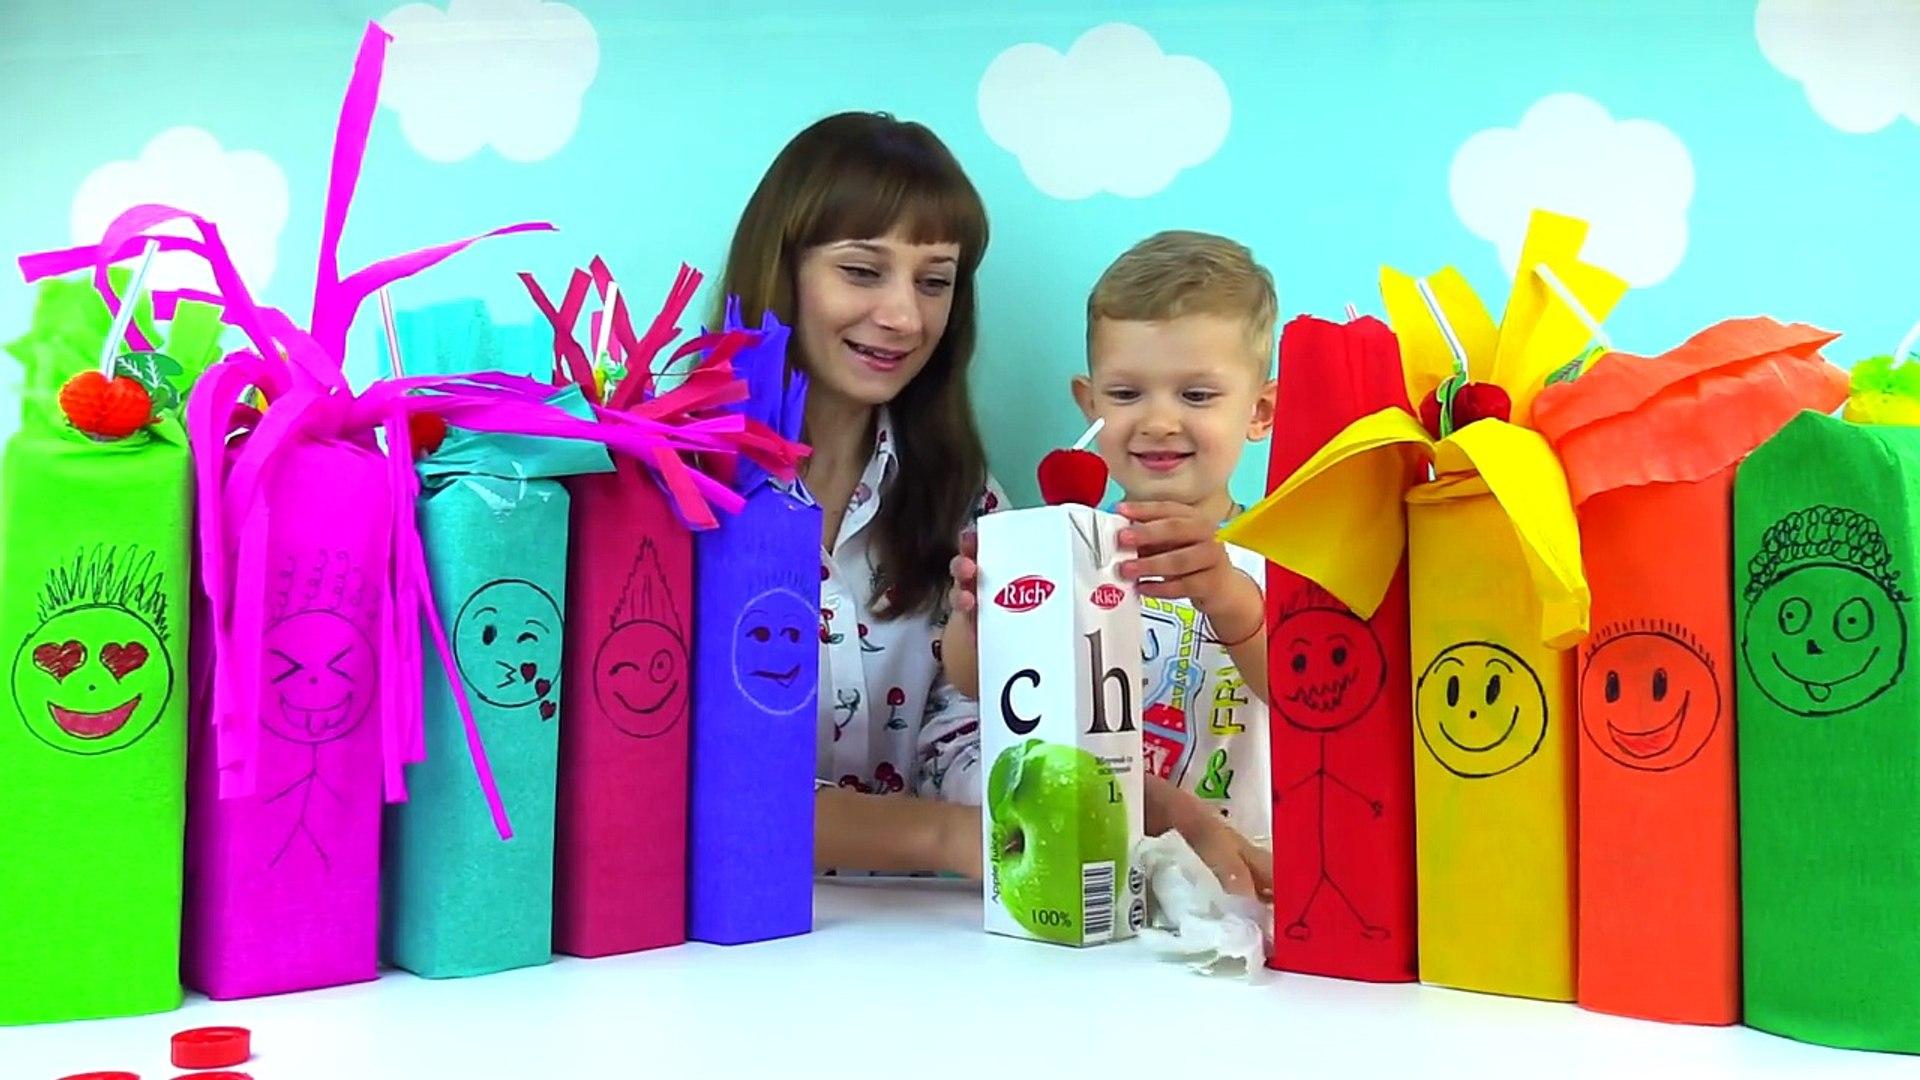 СОК ЧЕЛЛЕНДЖ Угадай вкус сока. Juice Challenge. Kids JUICE Challenge